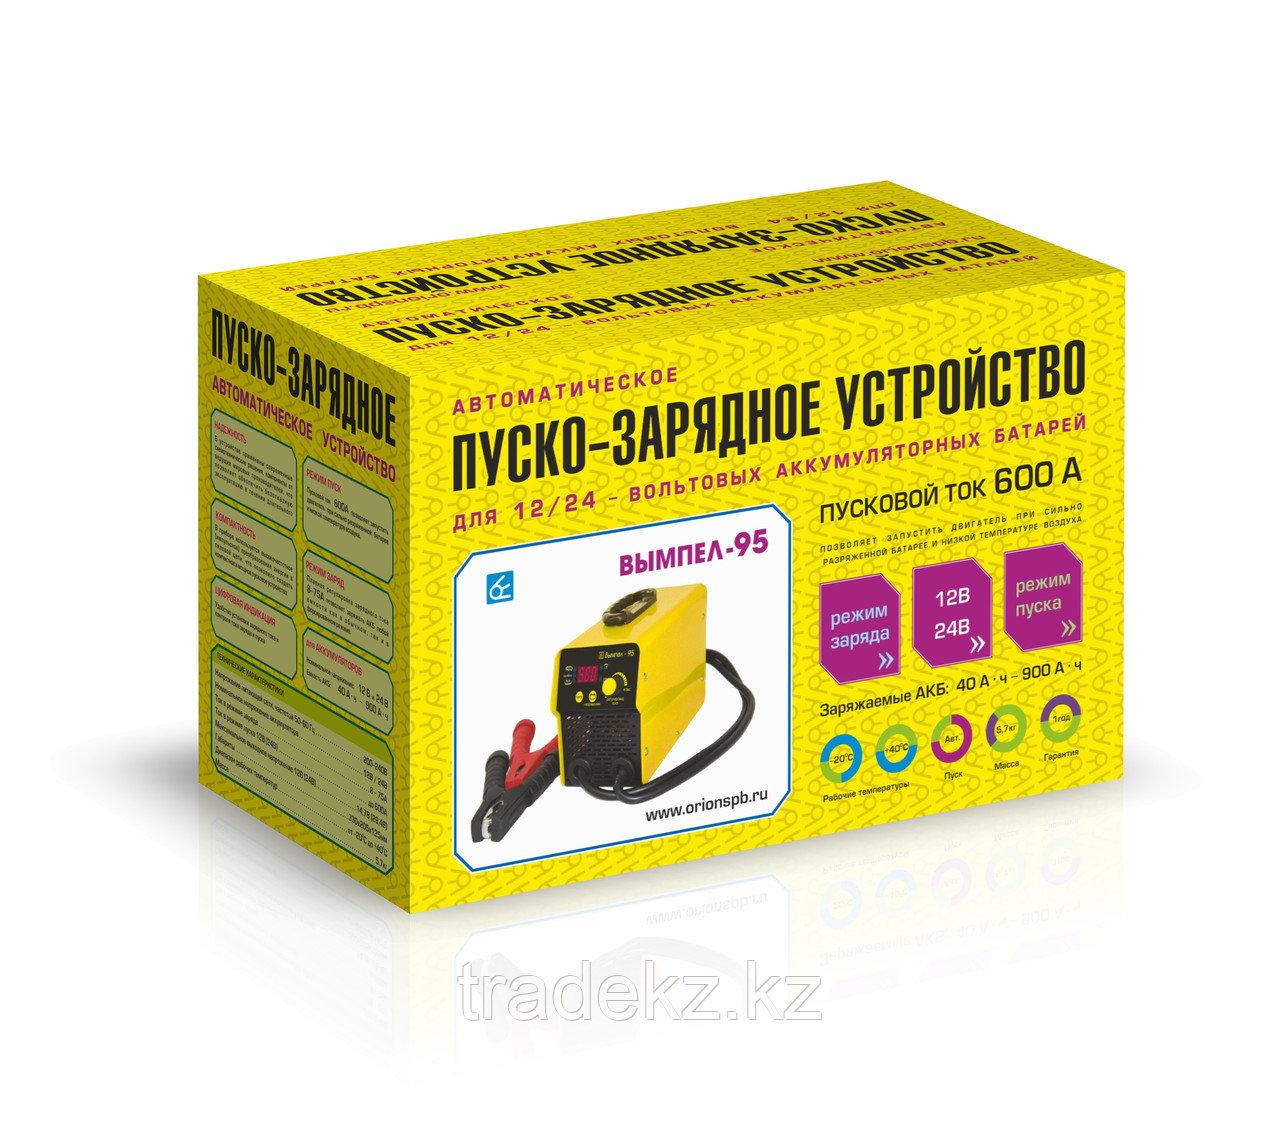 Пуско-зарядное устройство Вымпел-95